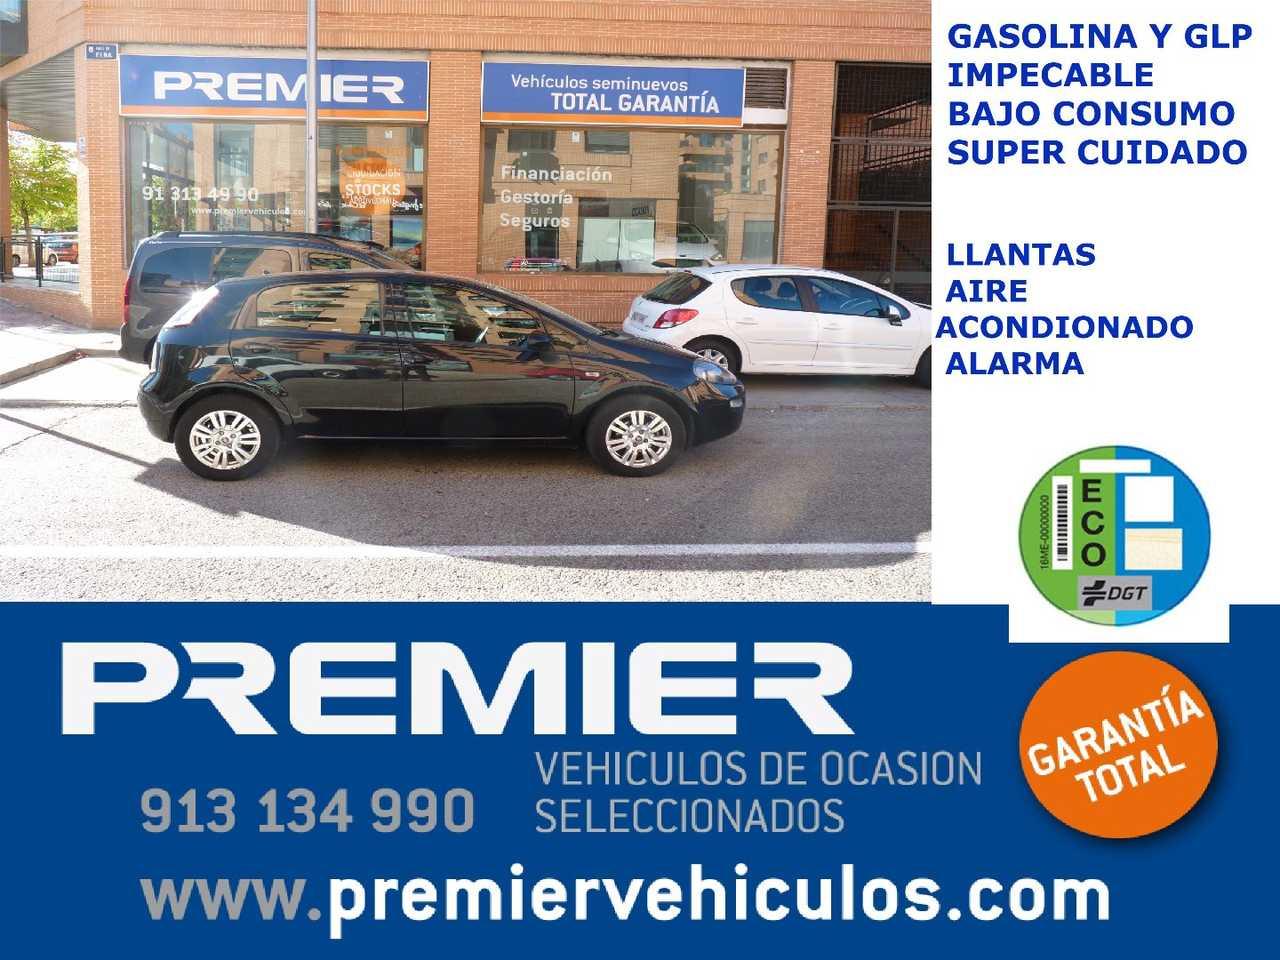 Fiat Punto  1.4 Gasolina y glp   - Foto 1